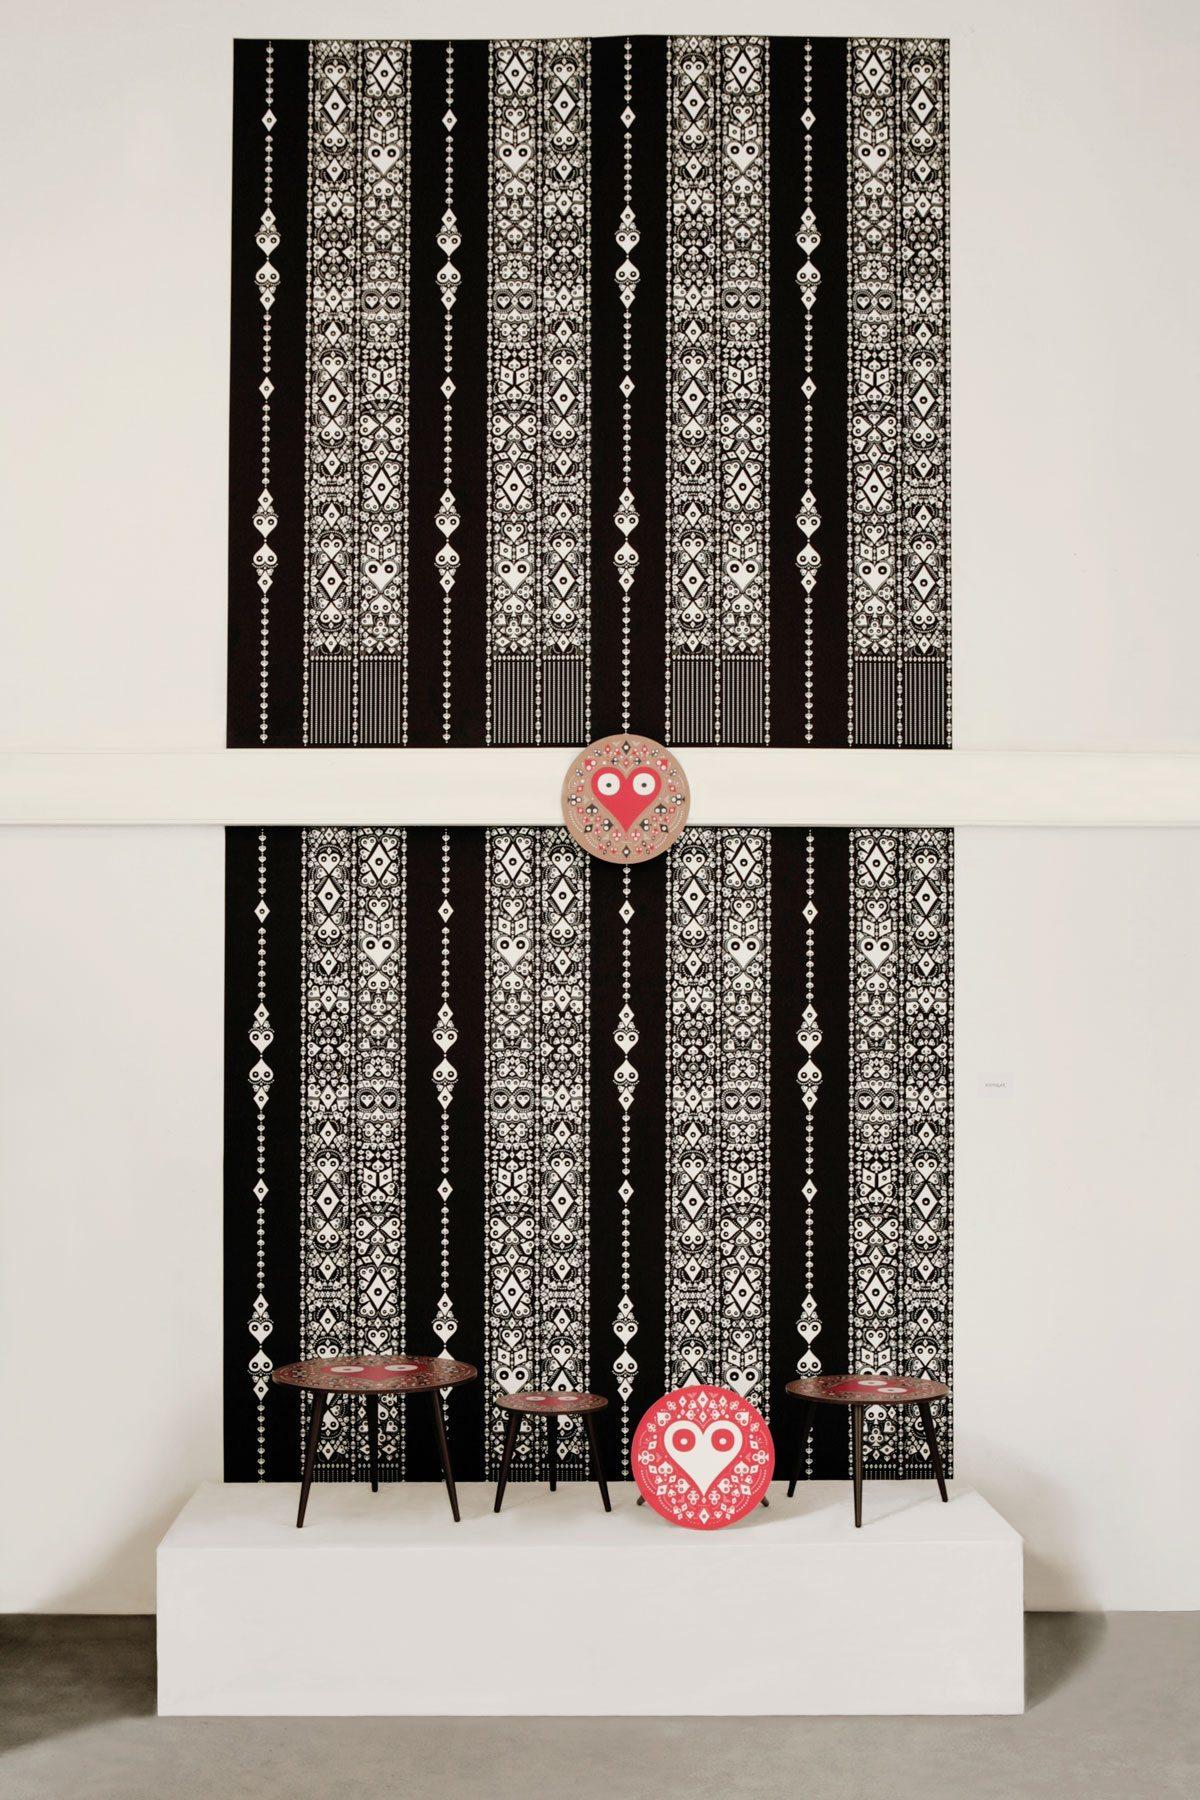 Exposition La bande de Mexico, Paris Design Week 2014. Wallpapers Mariachi et petites tables basses Pokerface rondes signés Ich&Kar.